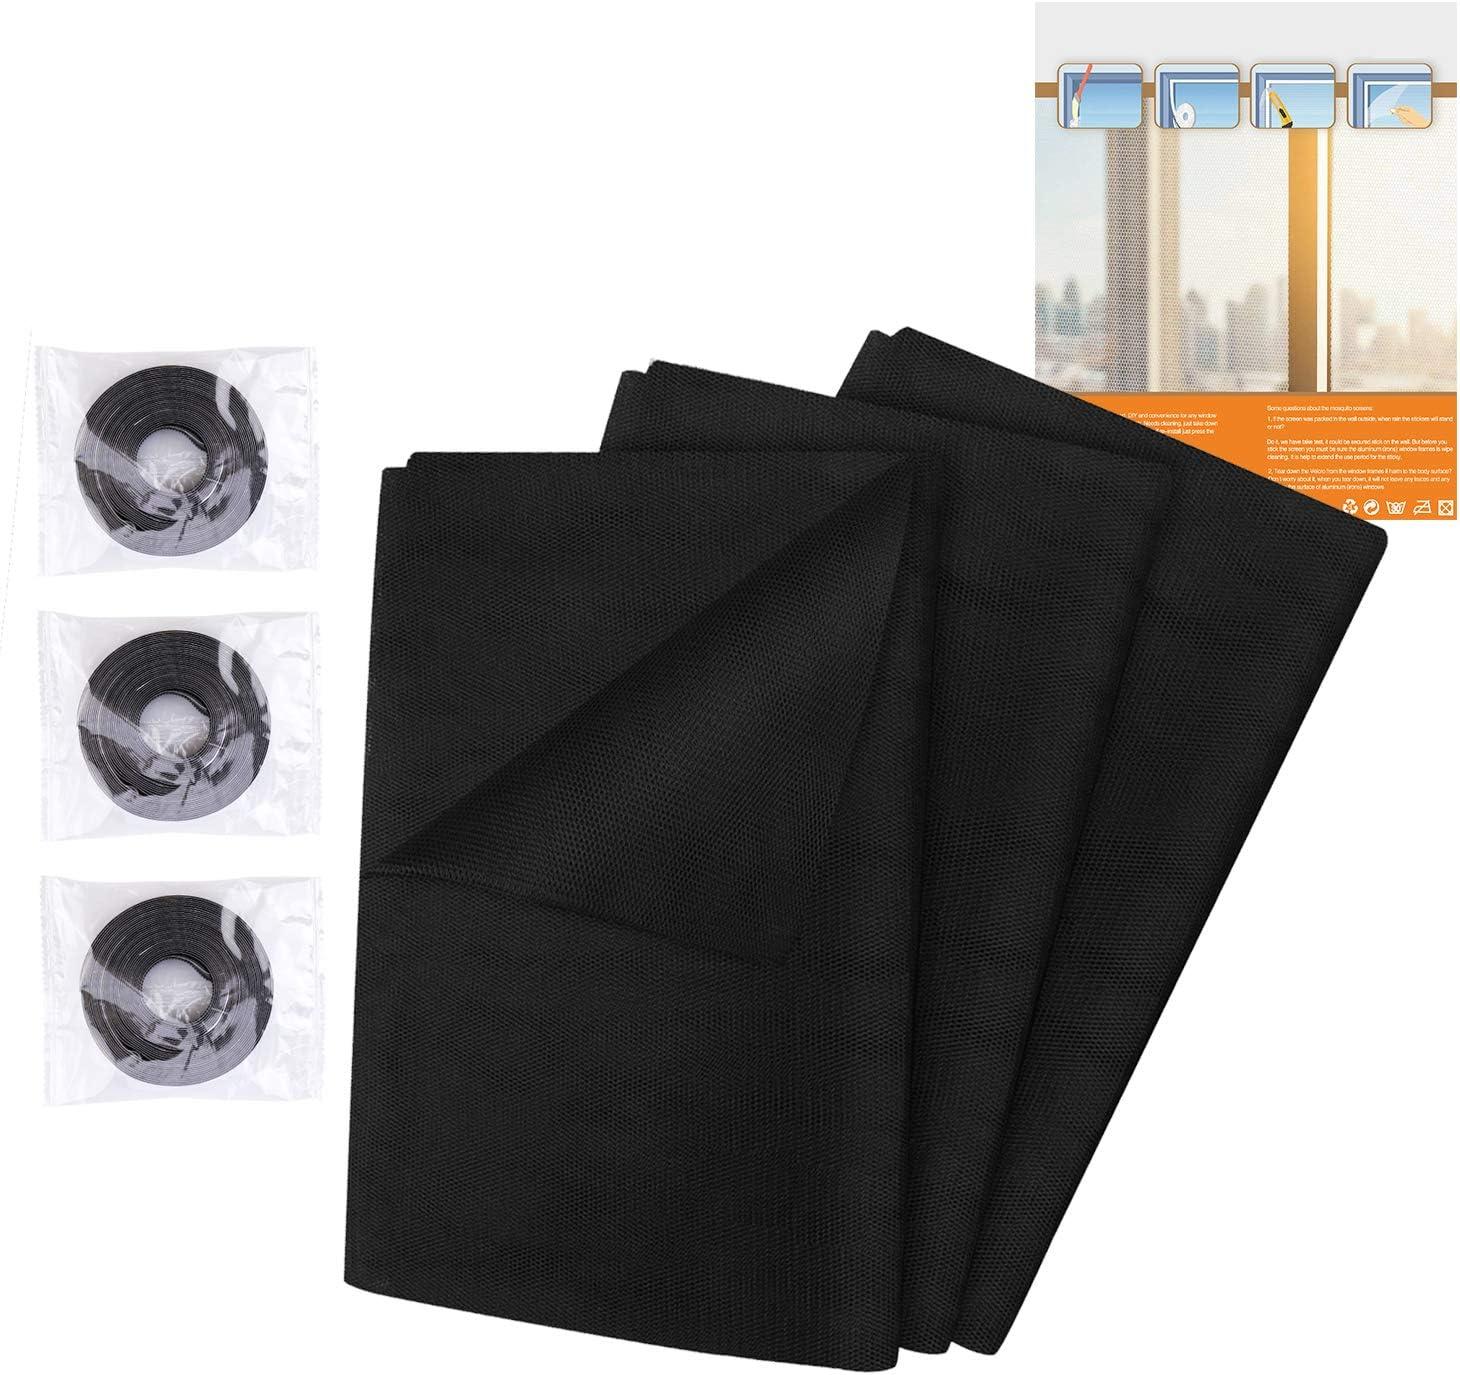 largo 10 mm Zanzariera a rete 3Pcs Zanzariera Finestra Zanzariera per Finestra 1.5m*1.3m Adesiva Net della finestra Protezione per le zanzare insetto ape 3 Nastro nero